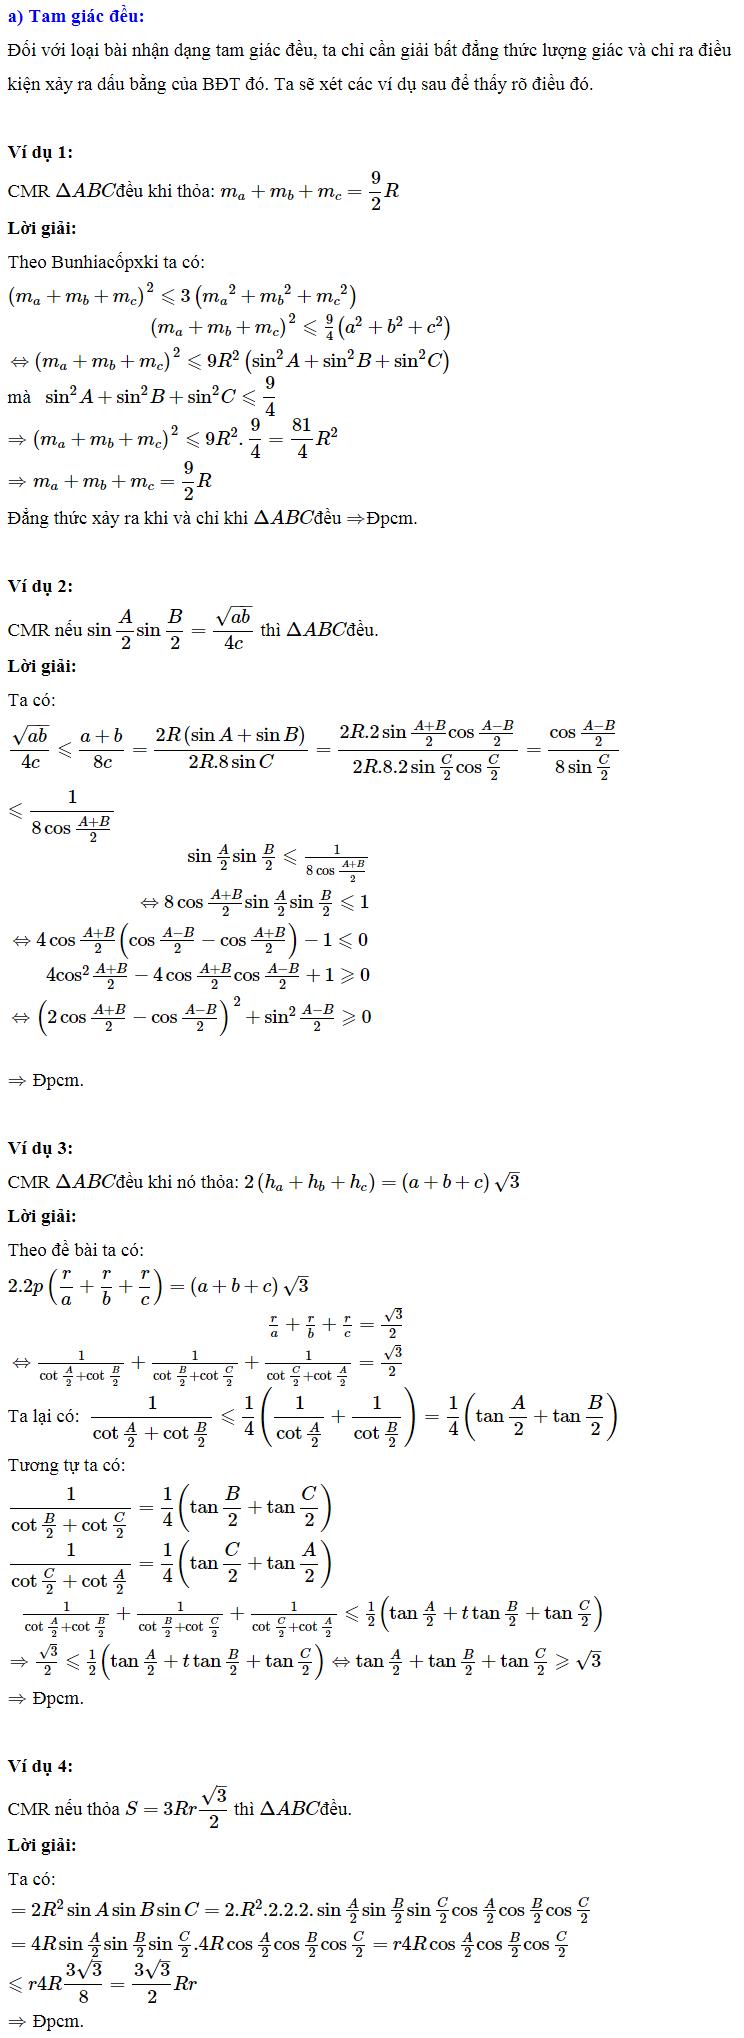 Áp dụng bất đẳng thức lượng giác vào giải một số bài toán-1